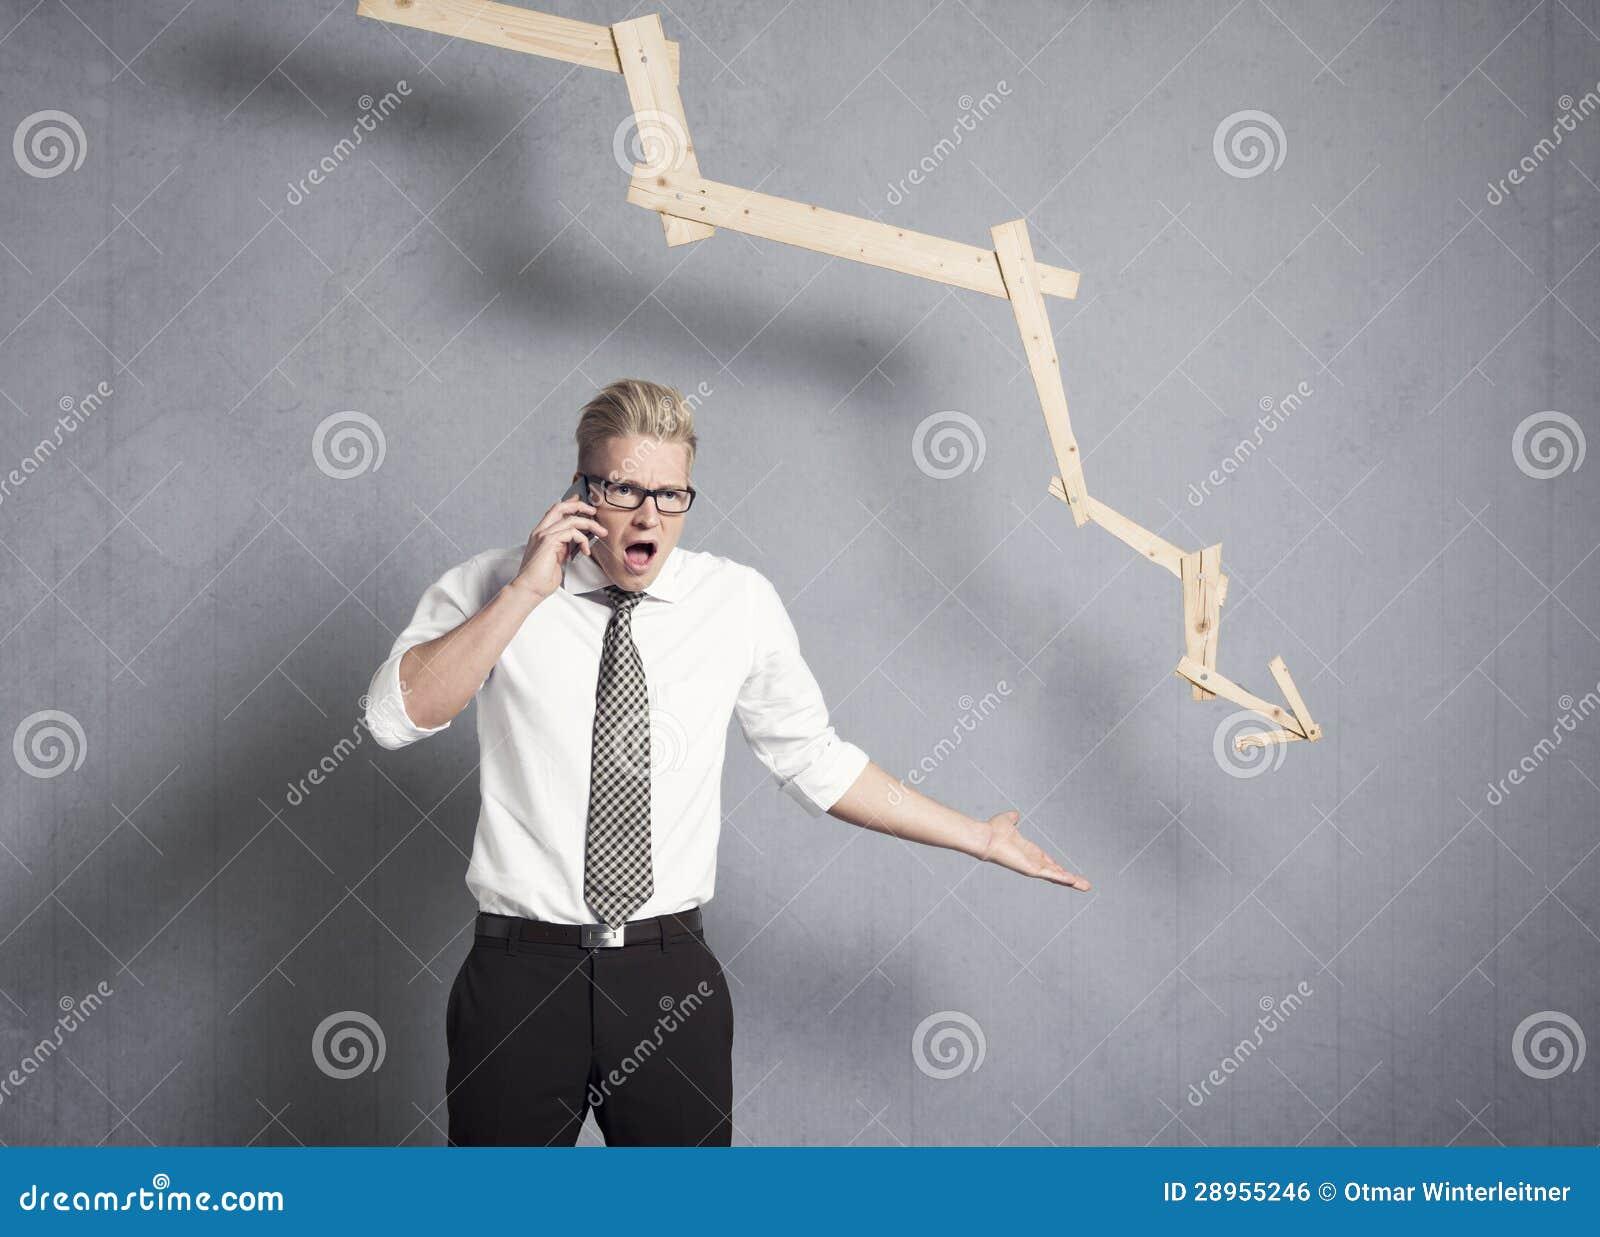 Gniewny biznesmen wskazuje w dół przed wykresem.